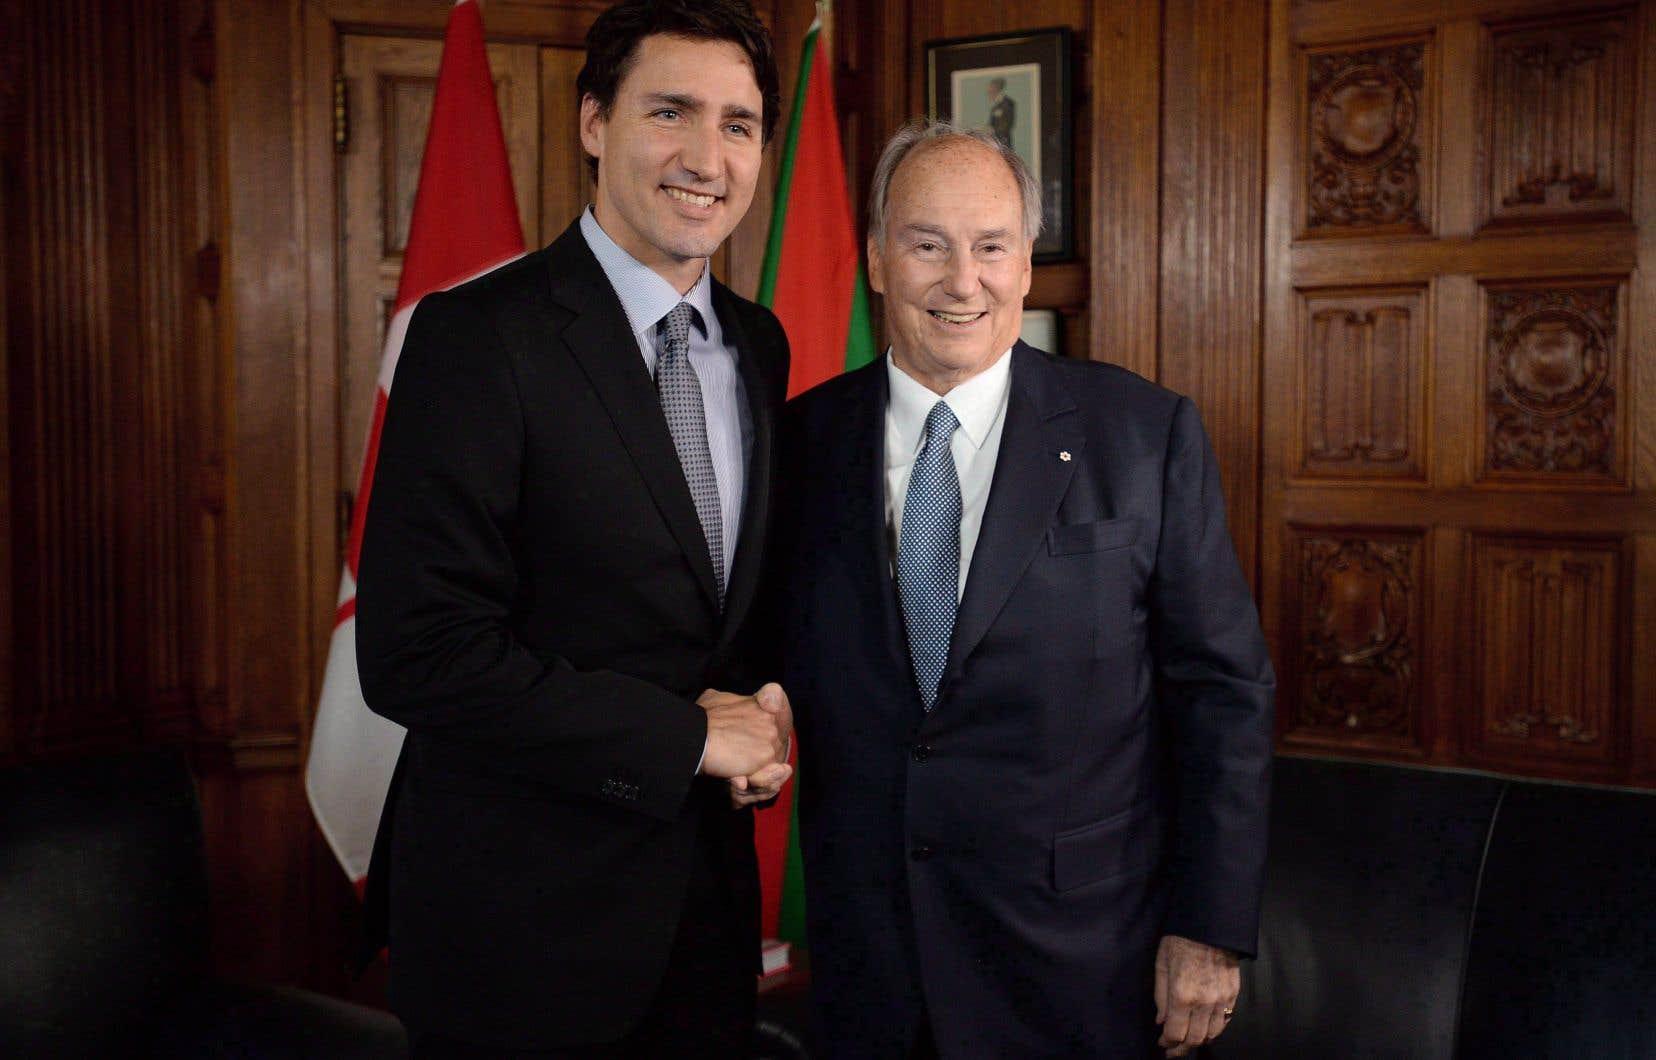 Le premier ministre Justin Trudeau et l'Aga Khan sur la colline du Parlement à Ottawa, mardi le 17 mai 2016.